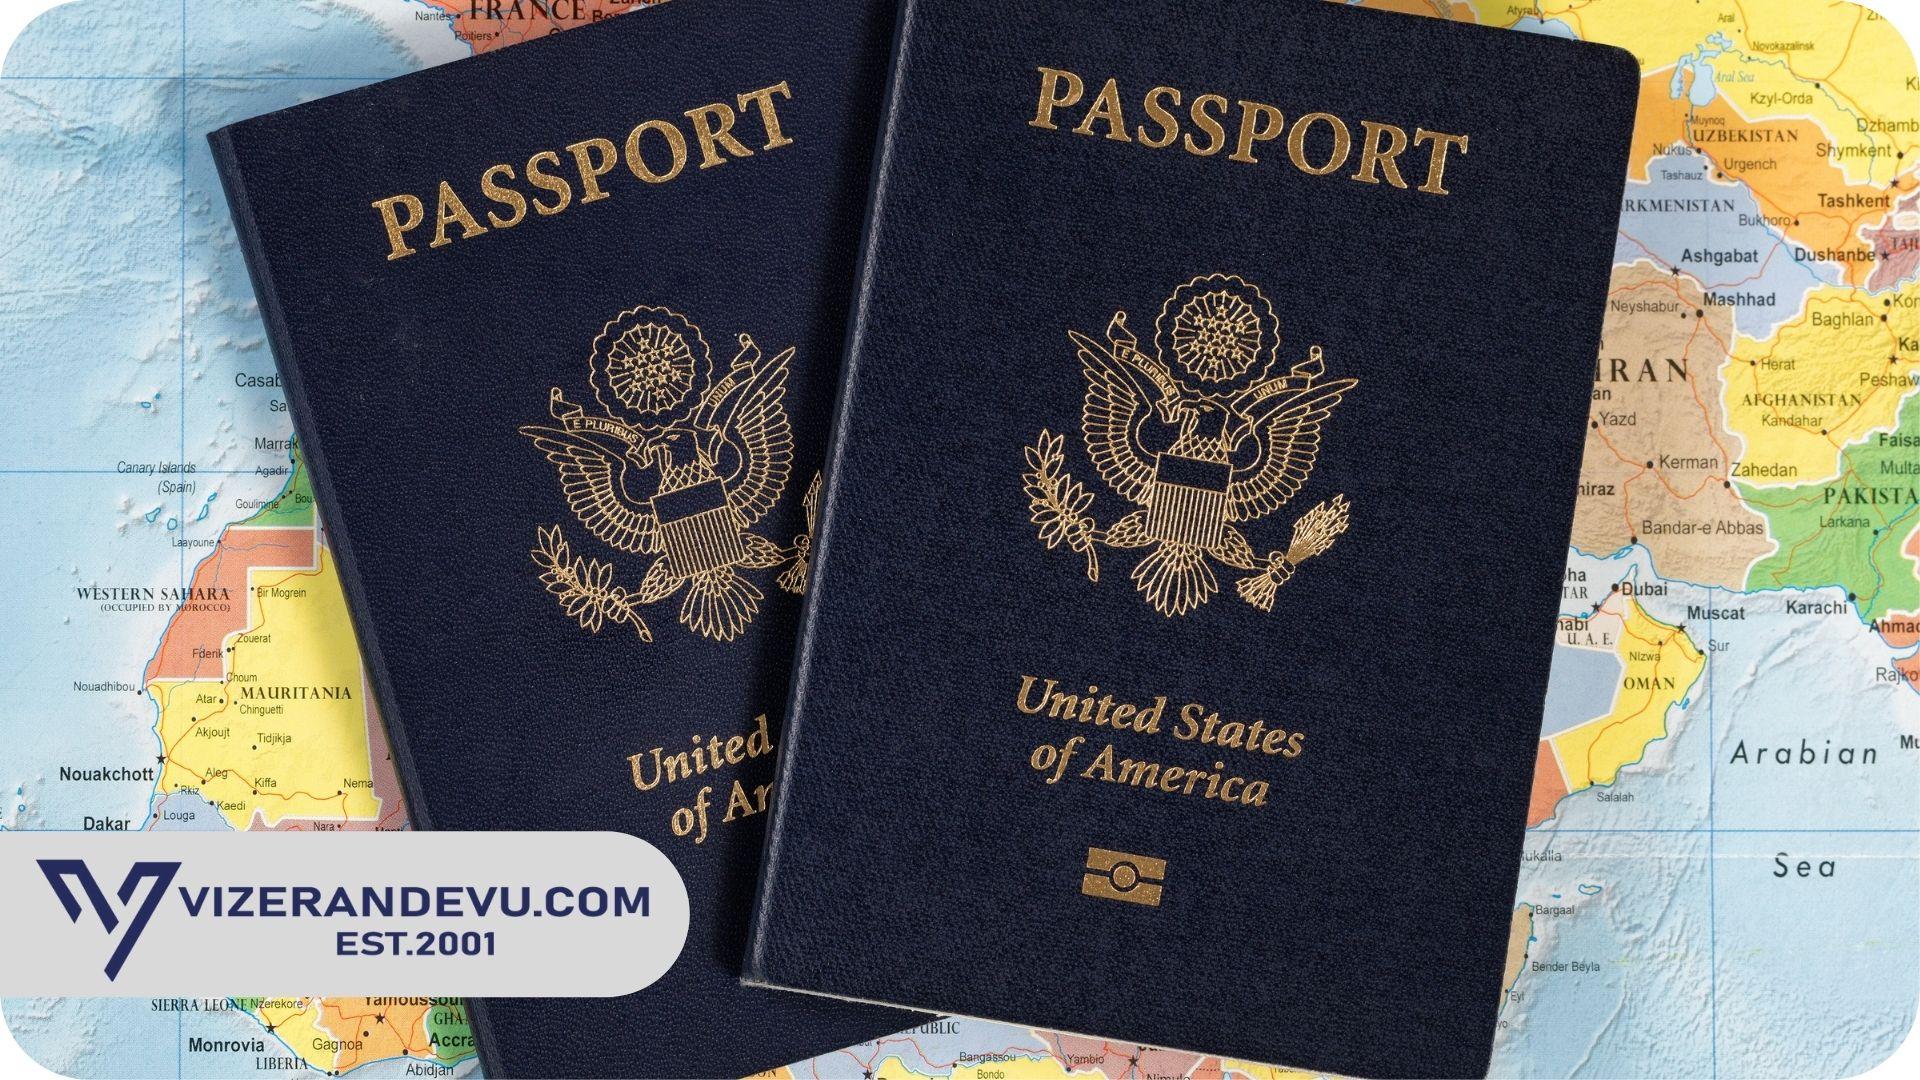 Schengen Vizesi Davet Mektubu Ücretsiz İndirin